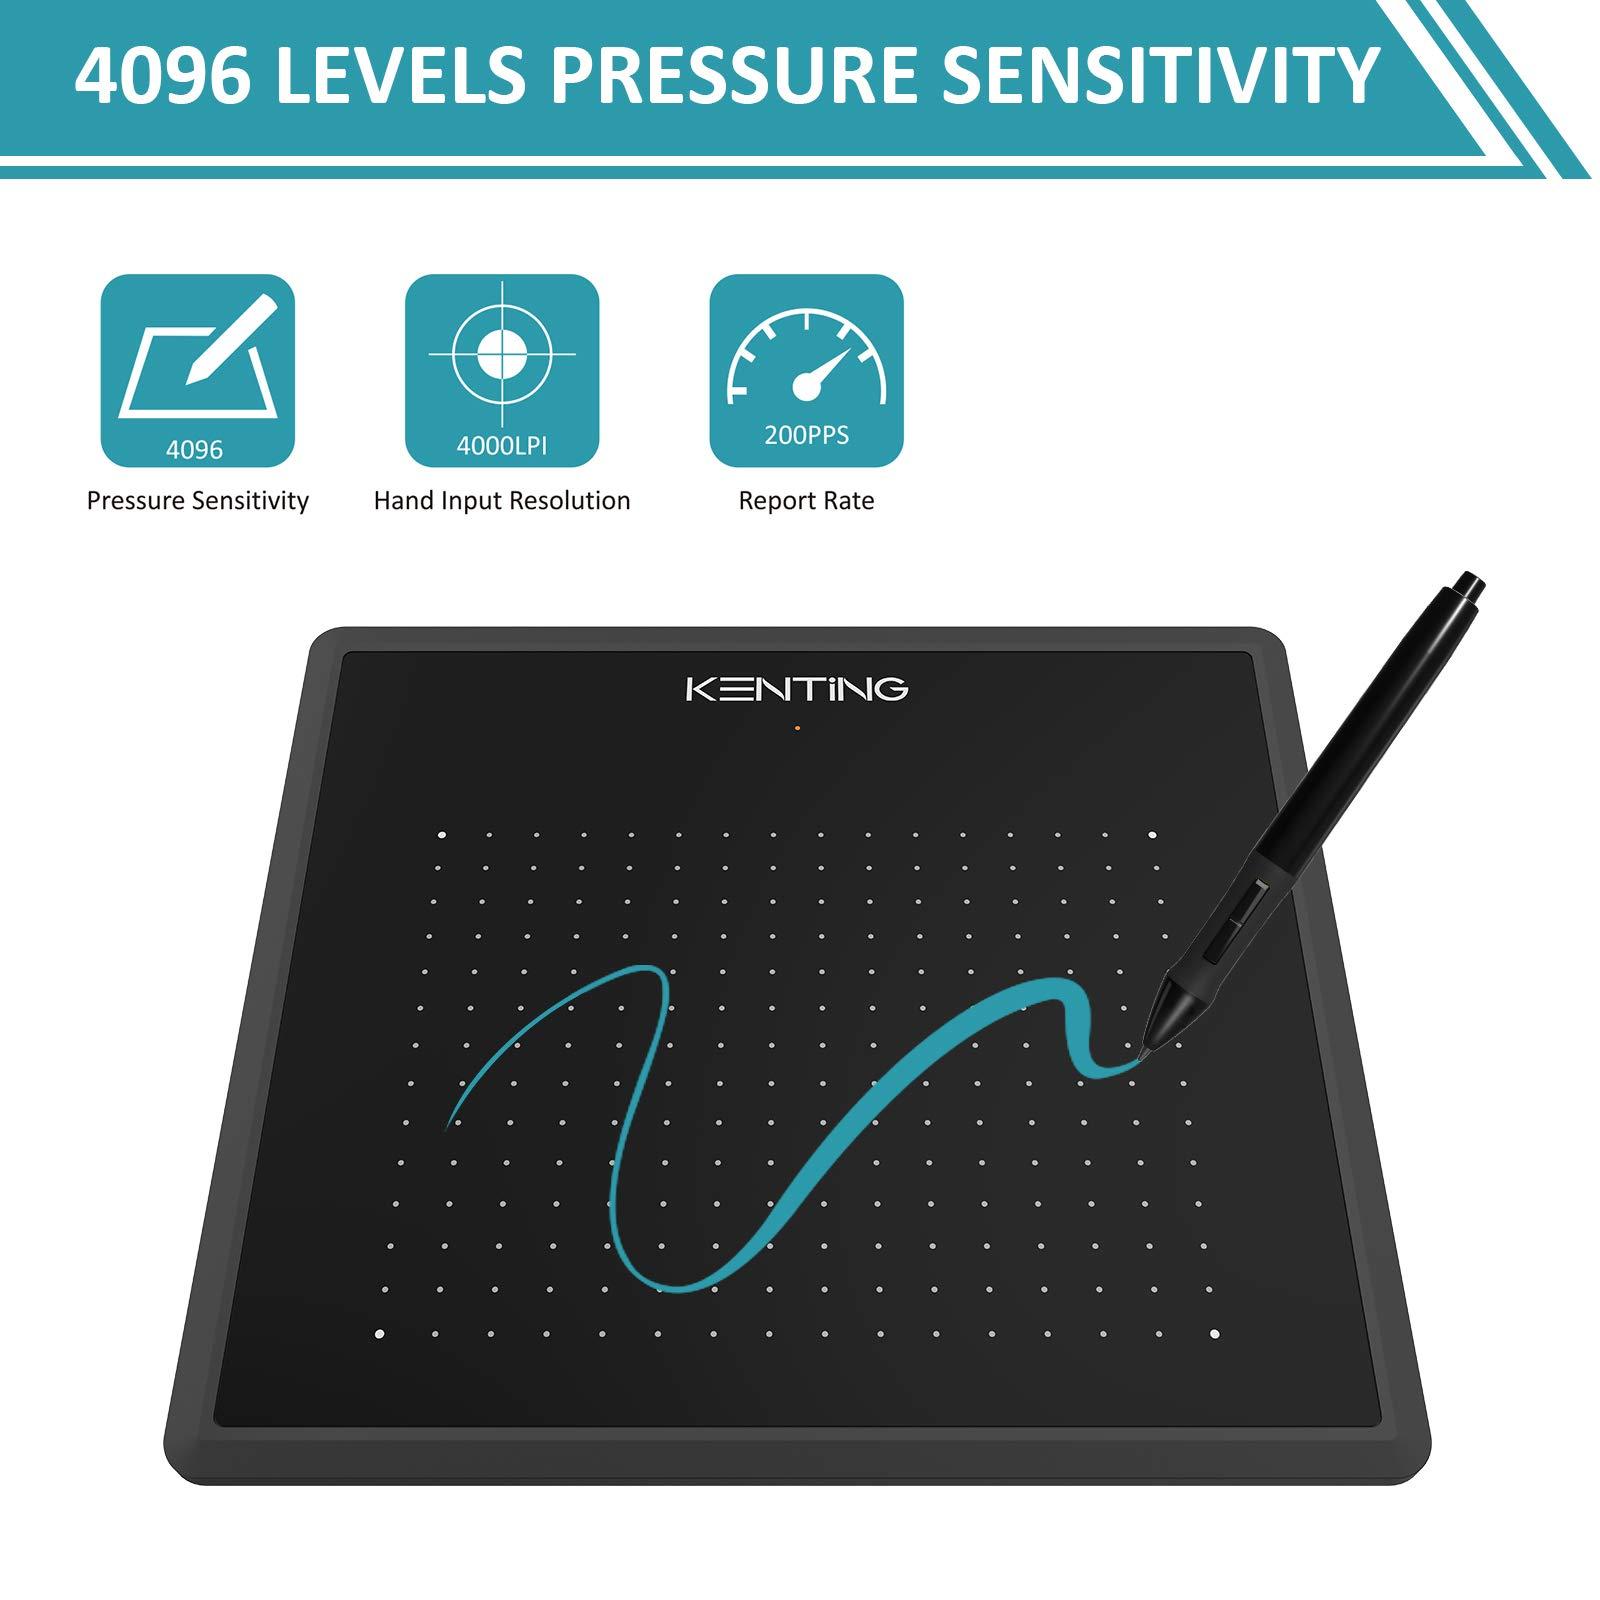 KENTING K5540 Disegno Tavoletta Grafica 5,5 x 4 Pollici OSU Digitale Pen Tablet con Penna 4096 Livelli di Pressione per Dipingere Disegnare ed Editare Foto Signature Pad Compatibile con Windows Mac